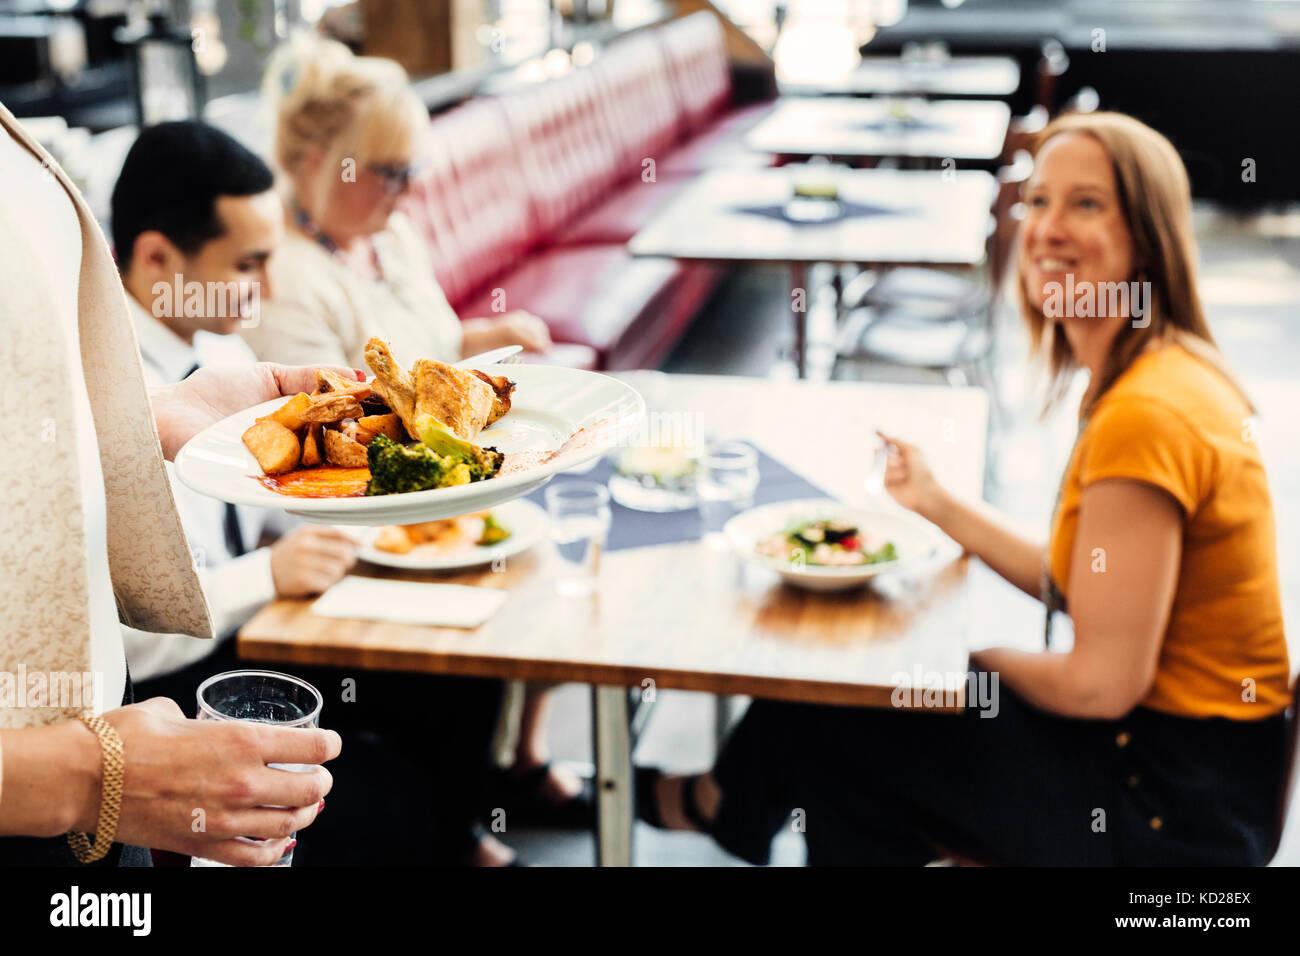 Quatre collègues réunion pendant le déjeuner dans une cafétéria Photo Stock